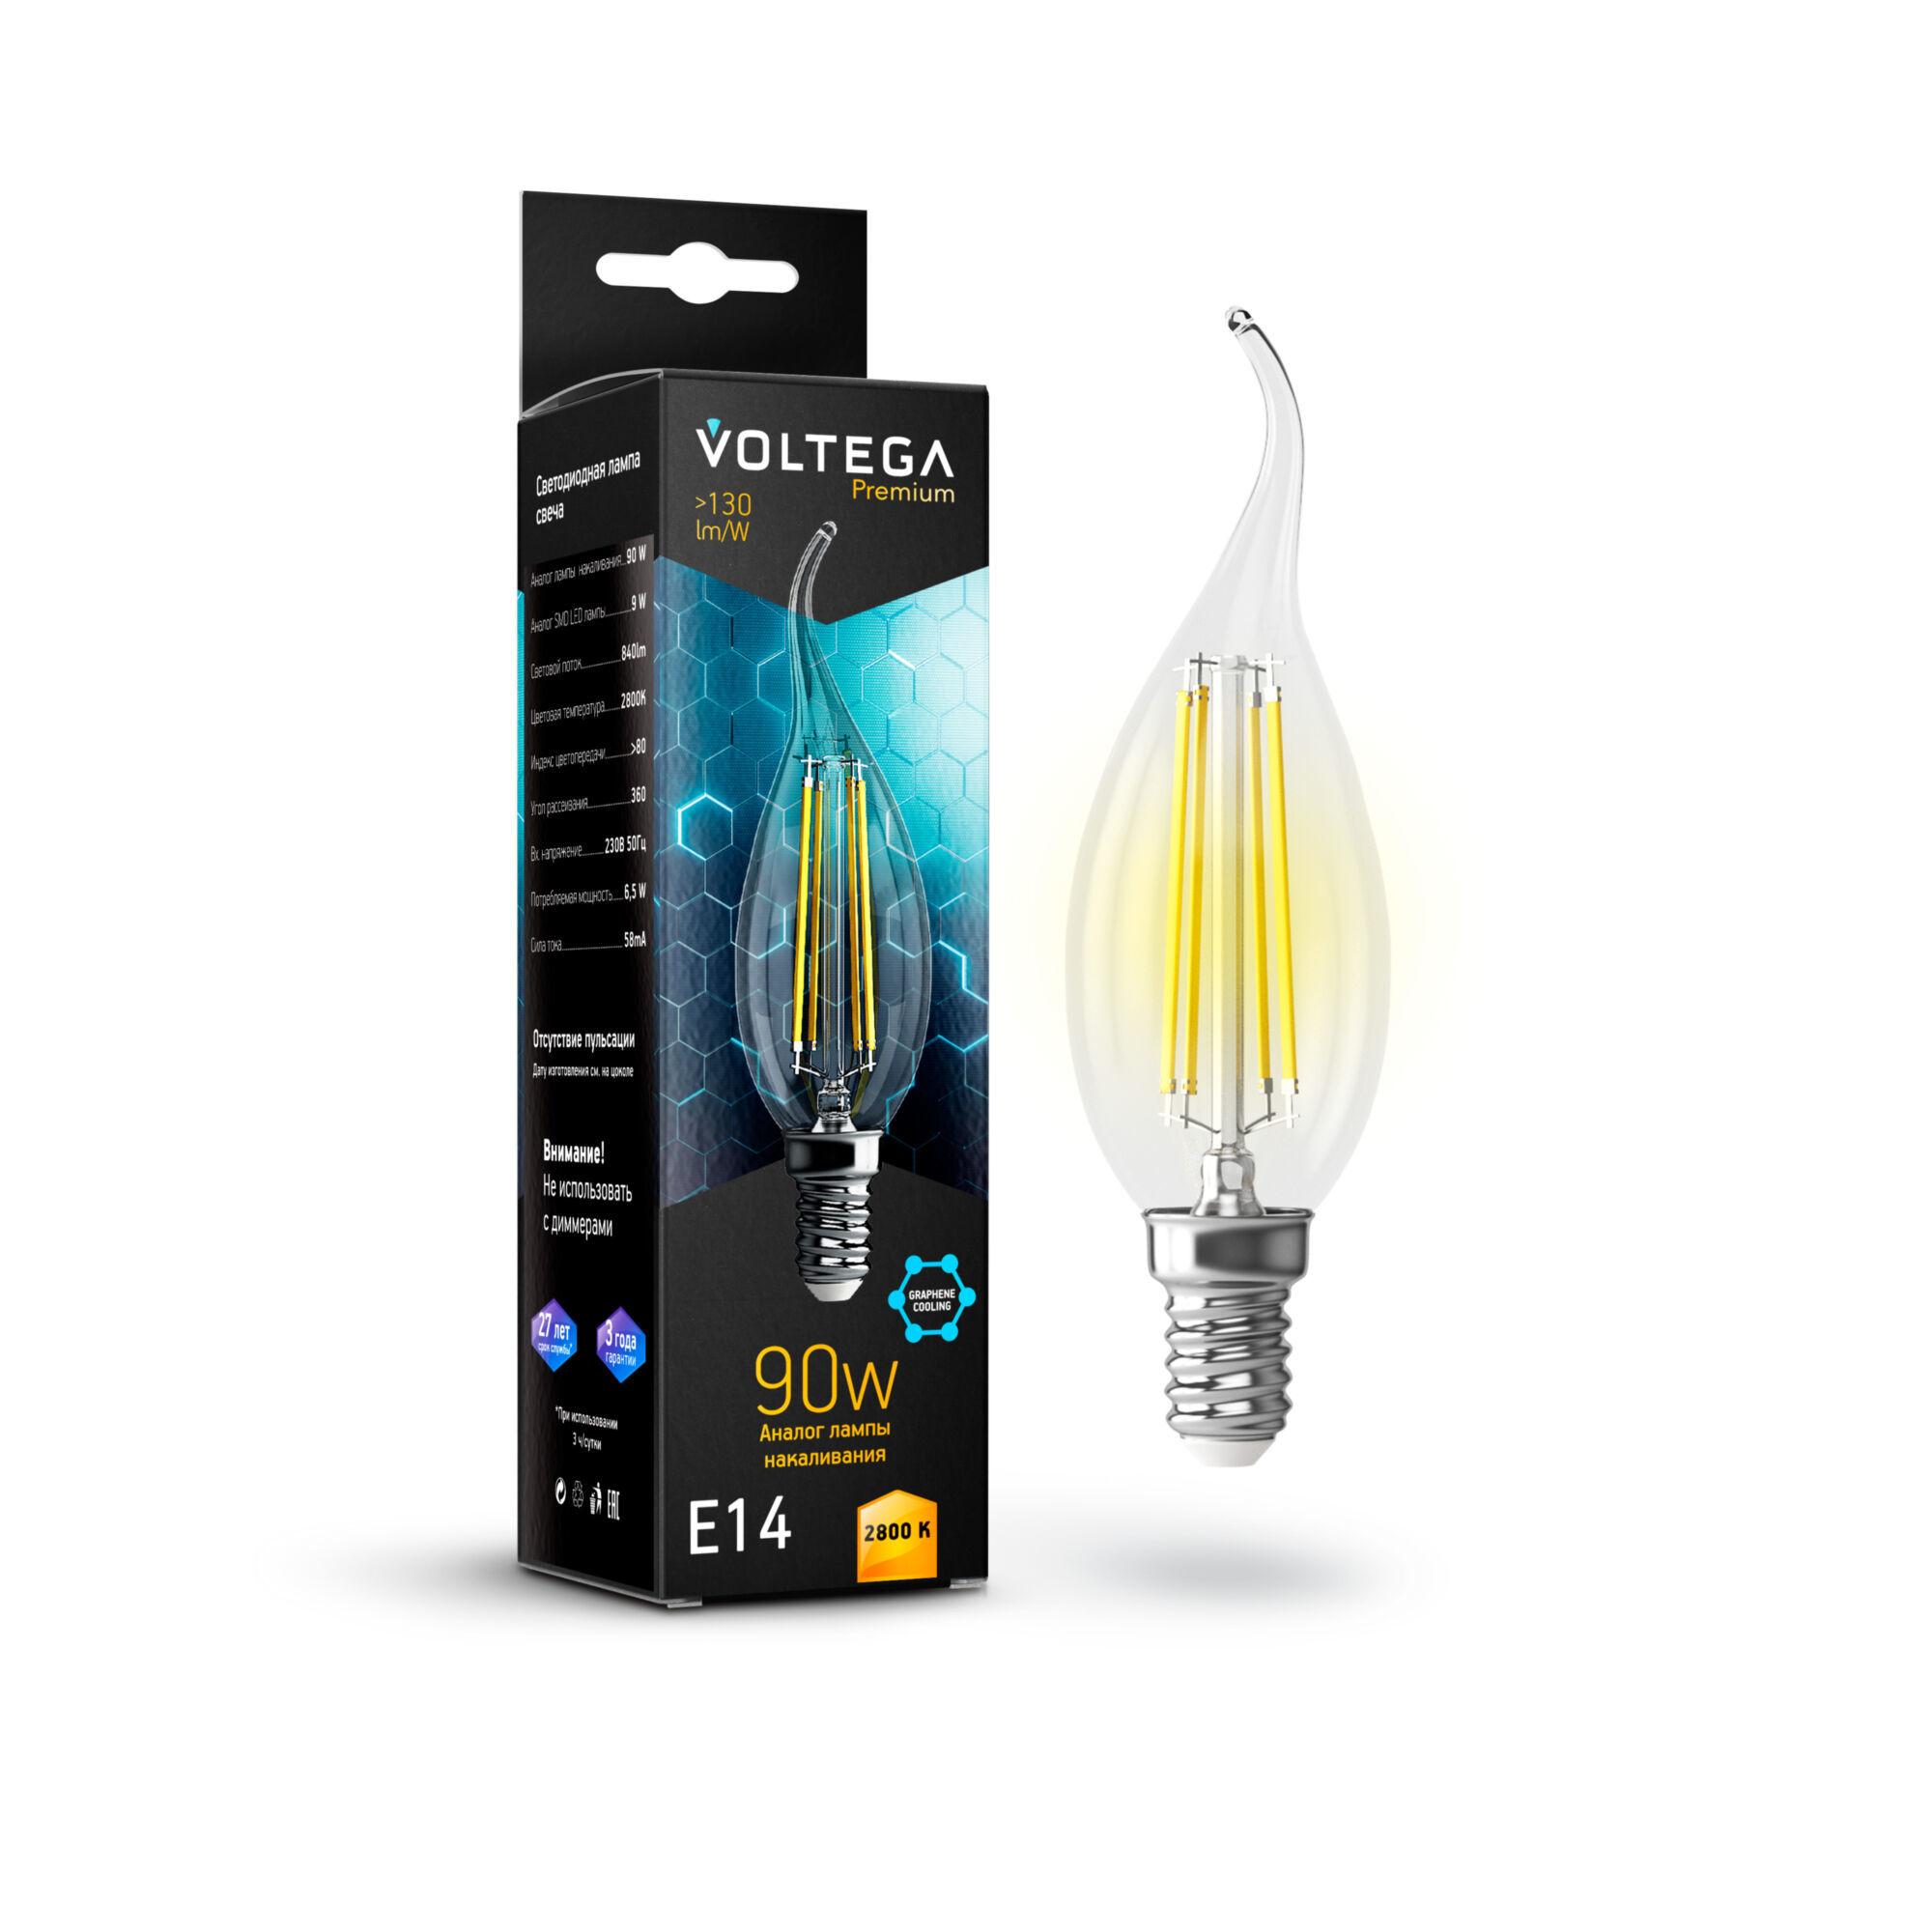 Филаментная светодиодная лампа Voltega Crystal 7132 свеча на ветру E14 6,5W, 2800K (теплый) 220V, гарантия 3 года - фото 2